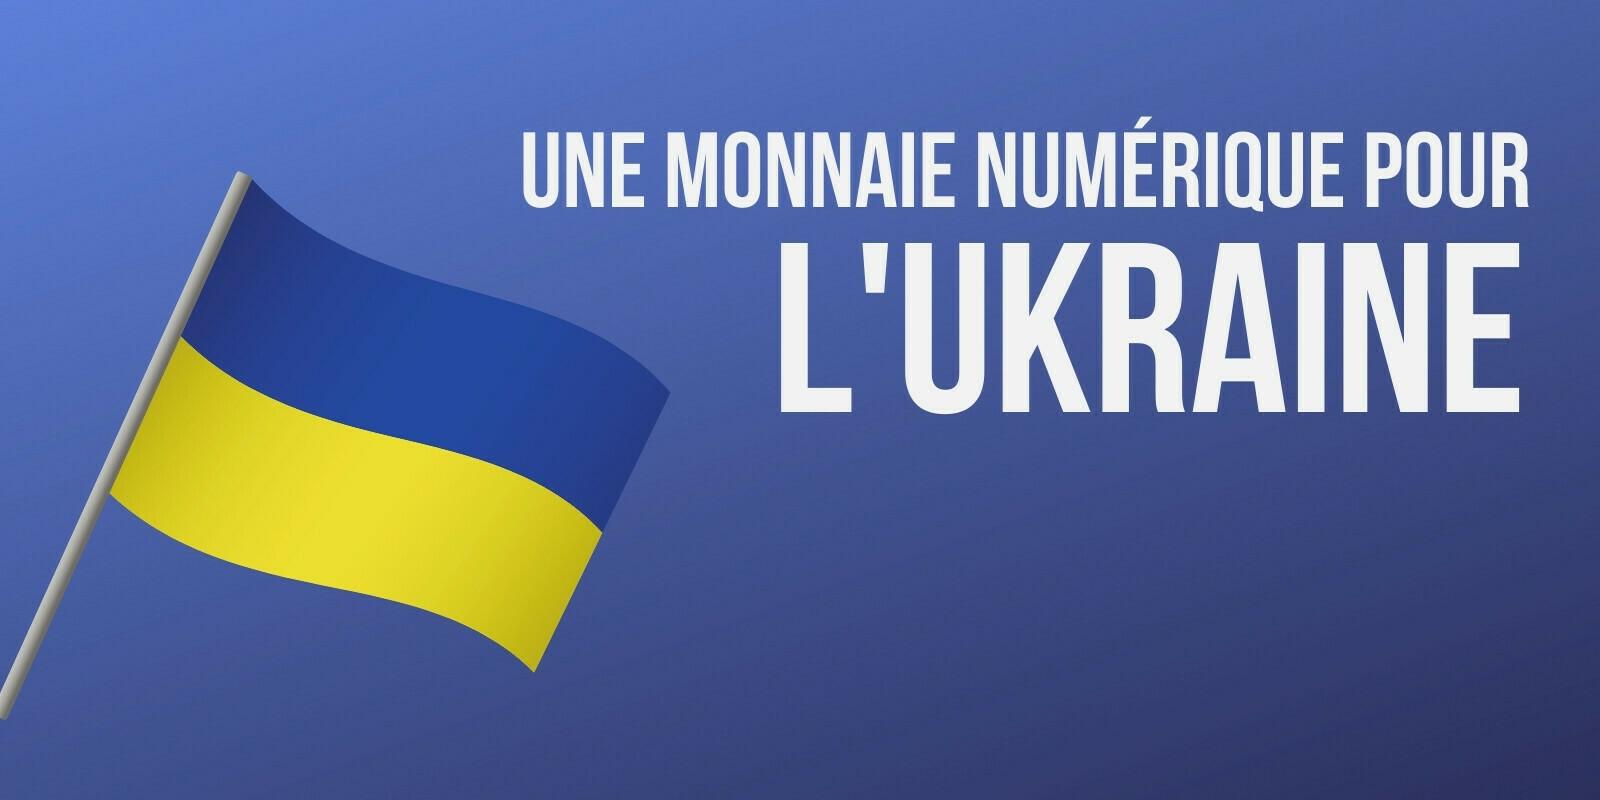 La banque centrale ukrainienne désormais autorisée à émettre une MNBC